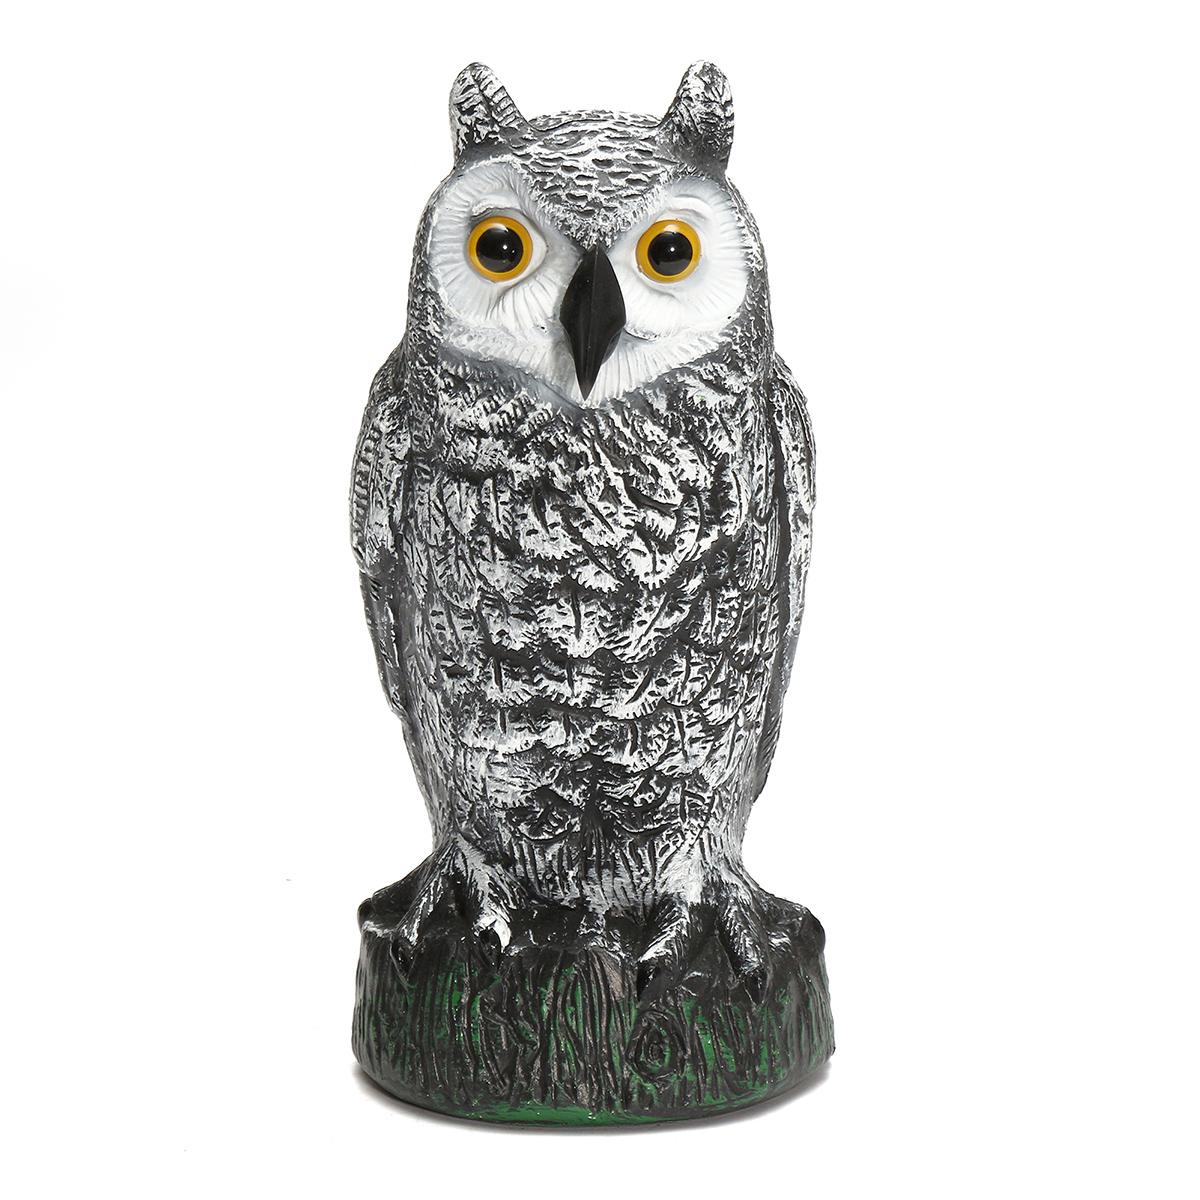 Plastic Standing Fake Owl Hunting Decoy Deterrent Scarer Repeller Garden  Decor